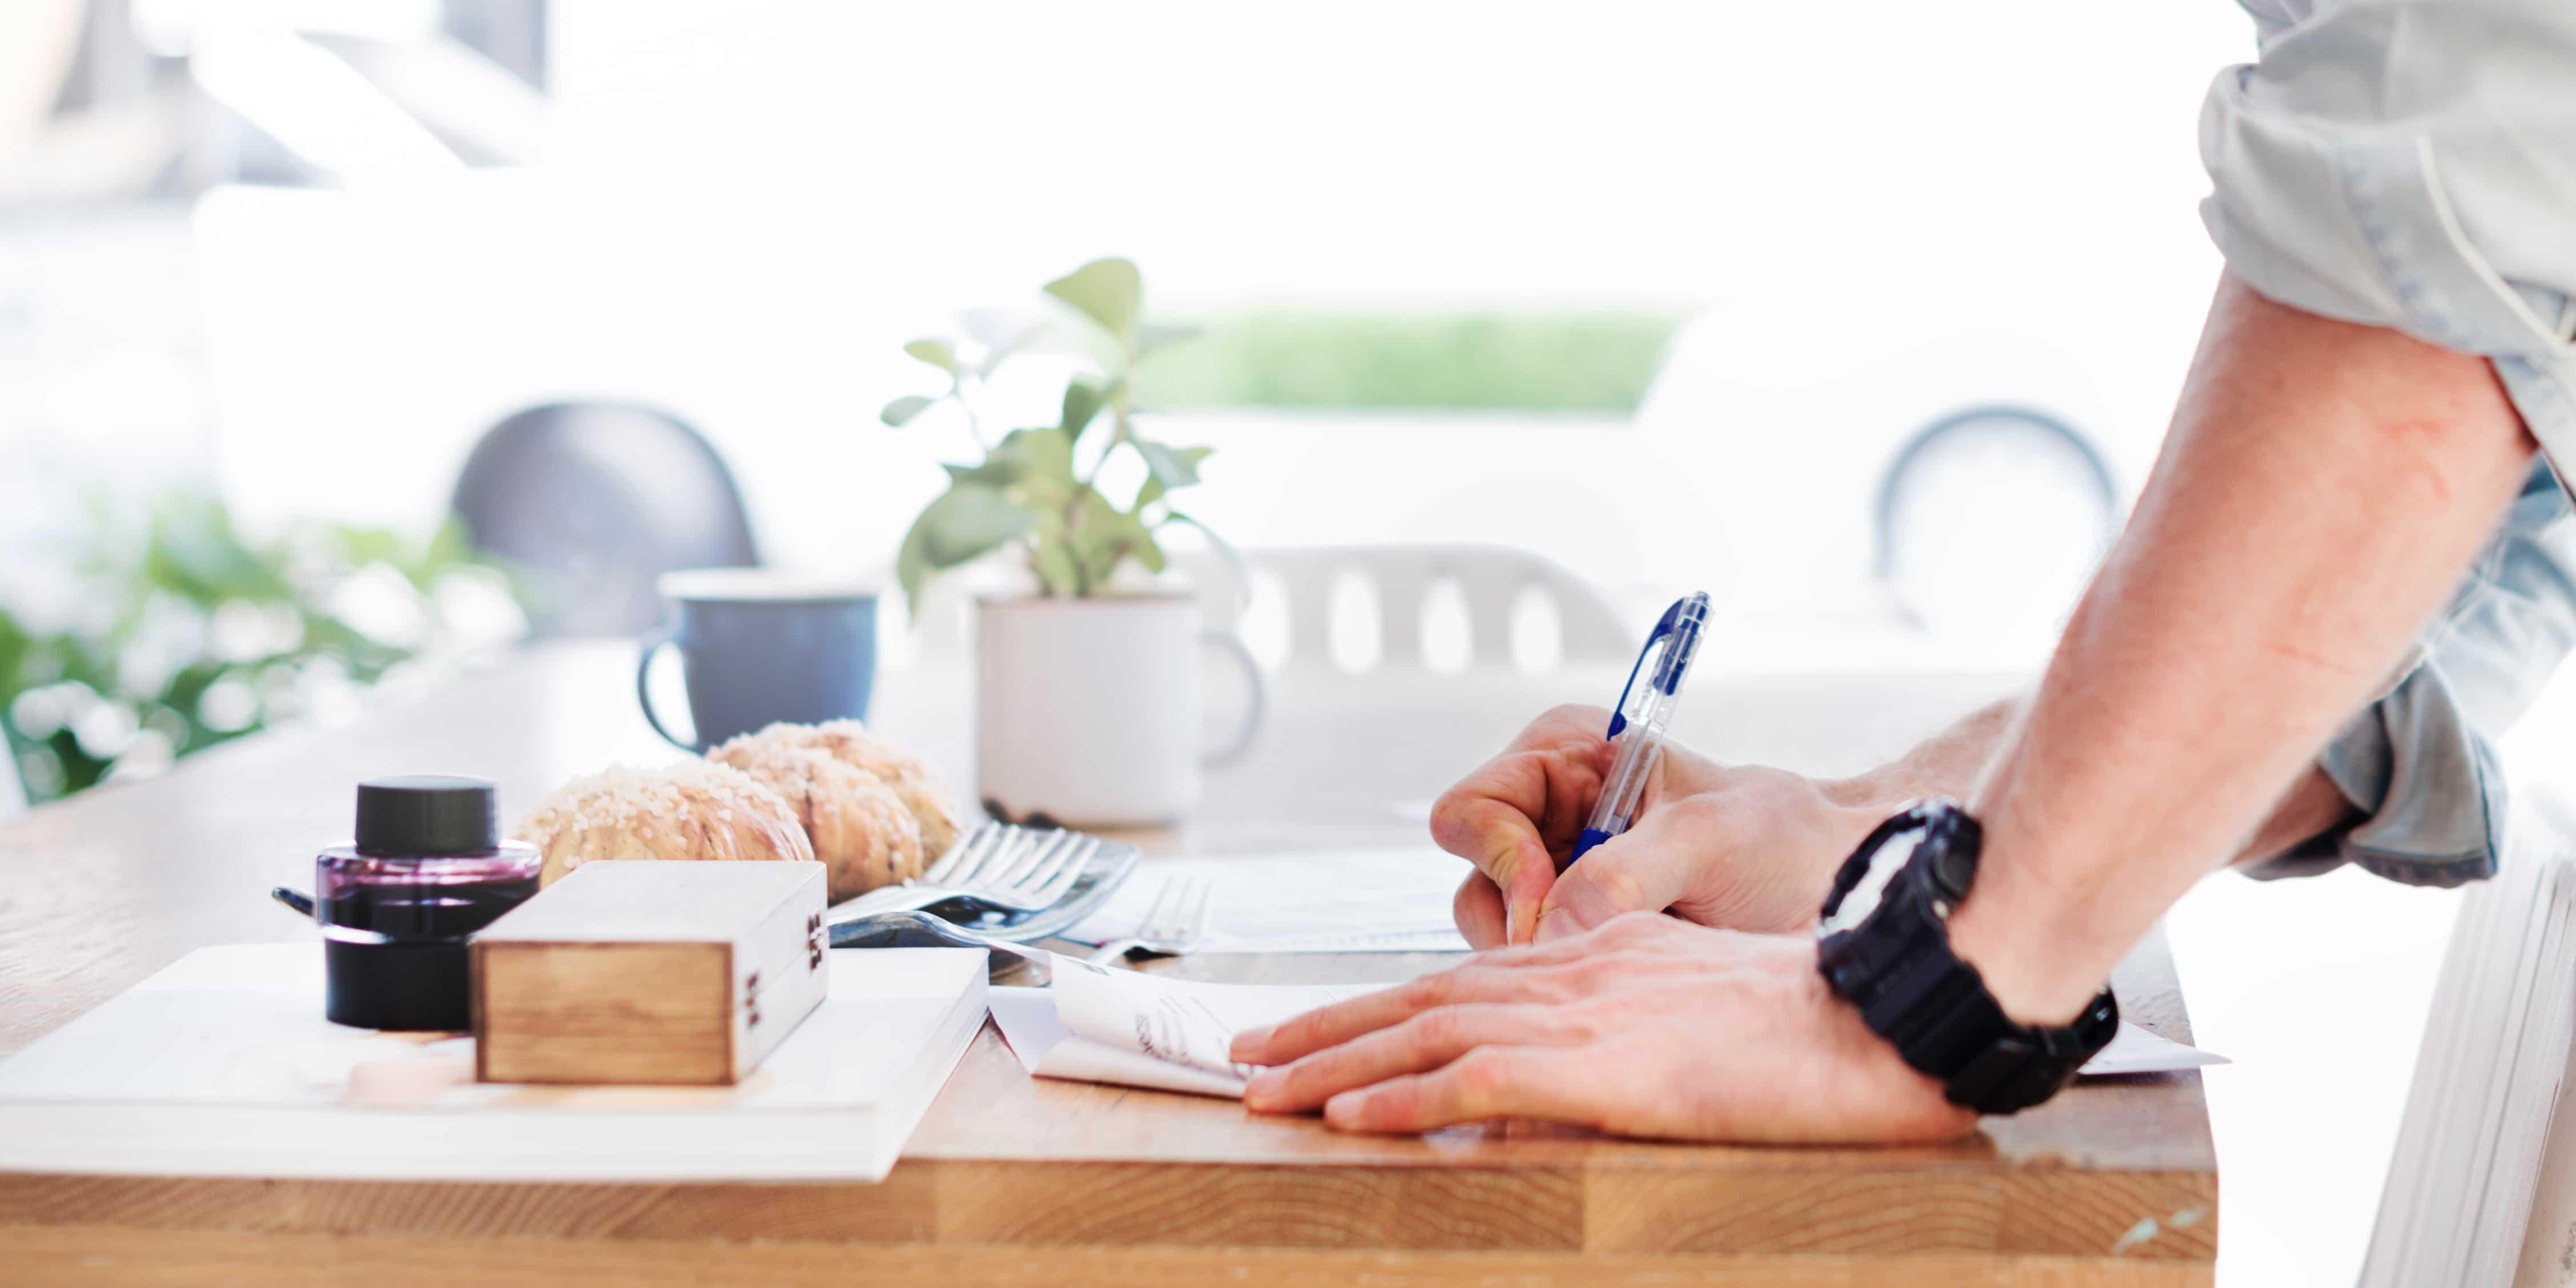 Come l'albergatore deve trattare i dati personali dei clienti